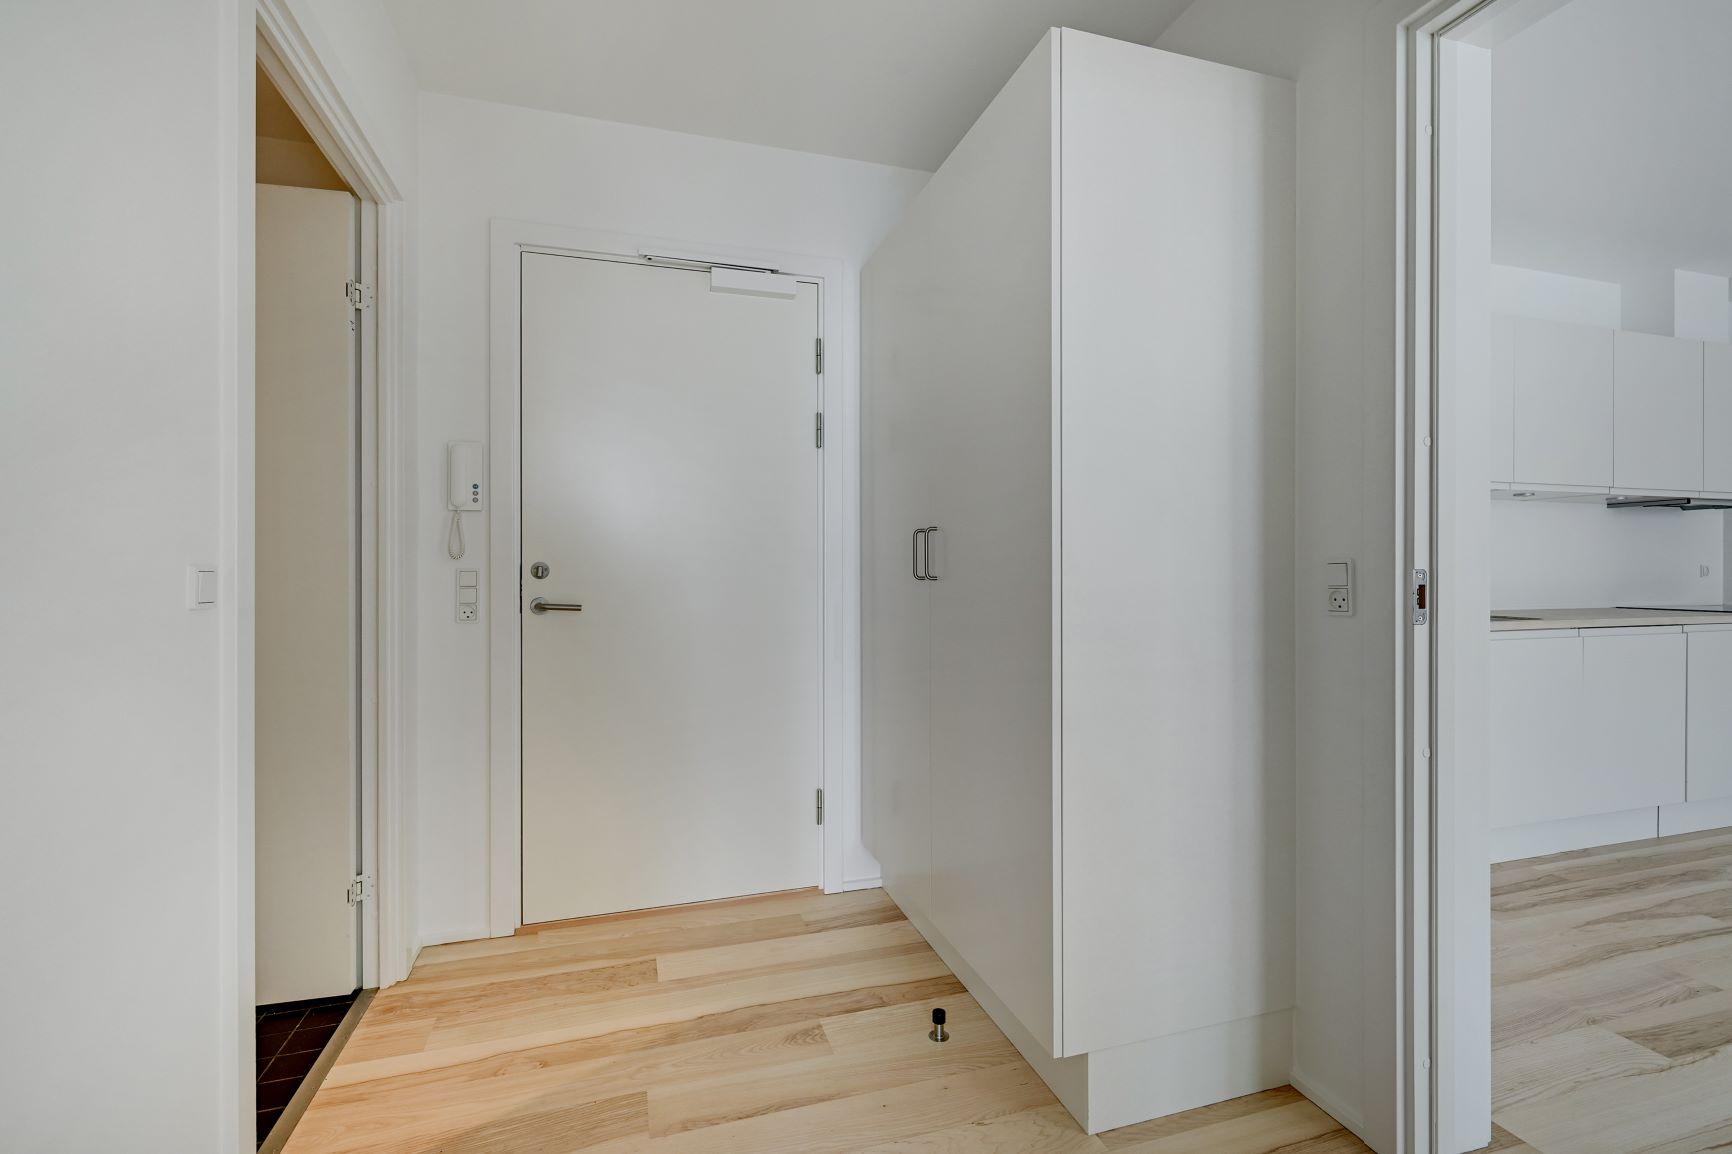 Lejebolig på Mariane Thomsens Gade 36, 3. lejl. 2., 8000 Aarhus C